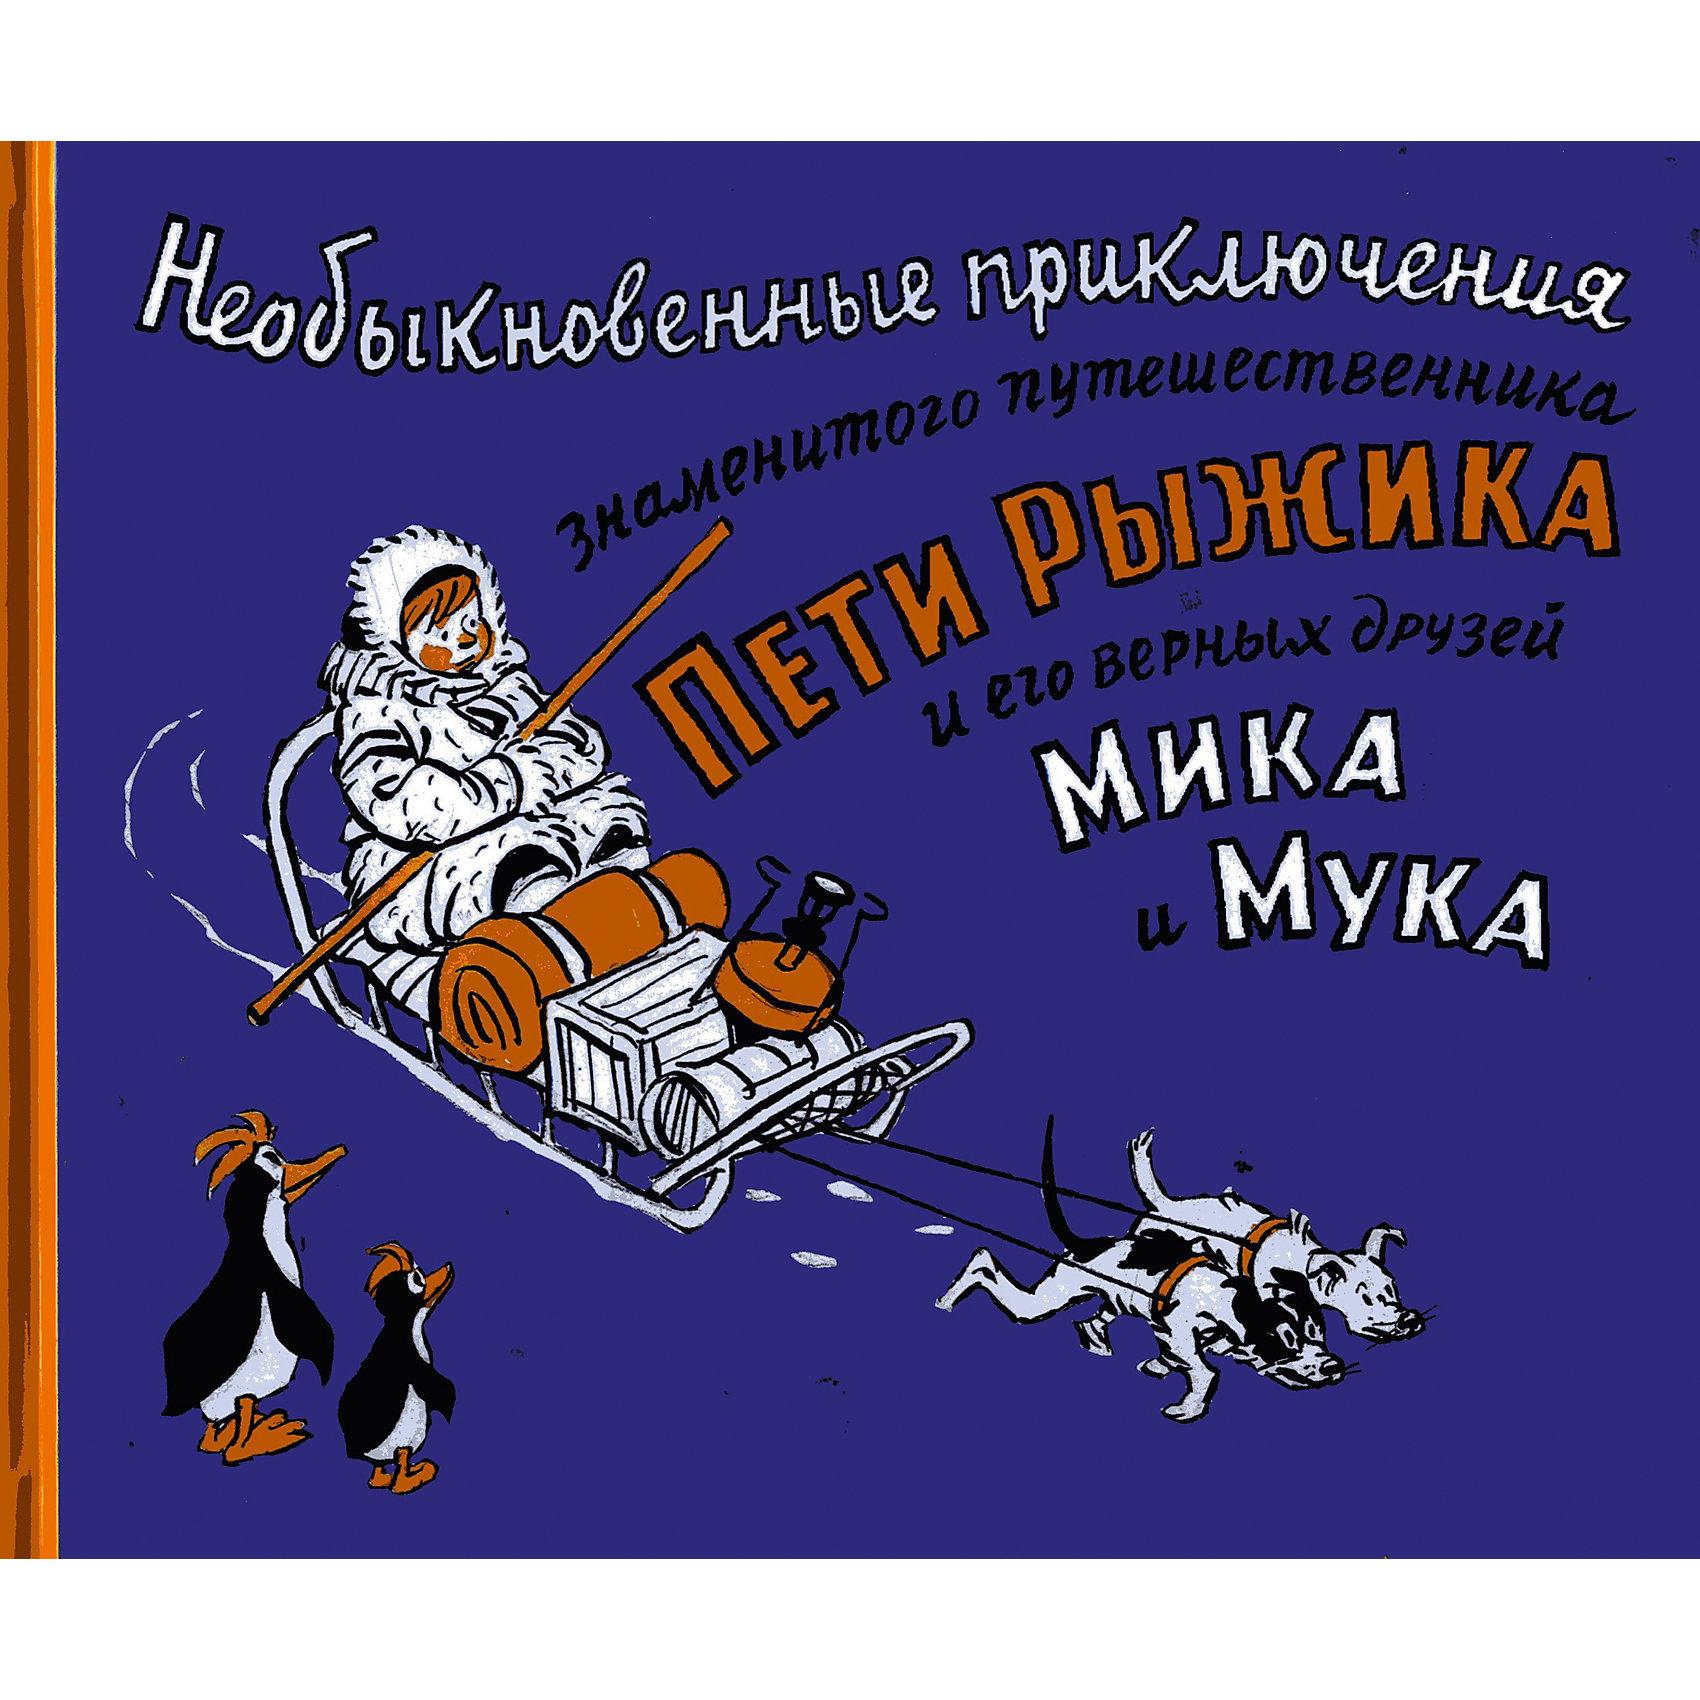 Необыкновенные приключения, И. Семенов